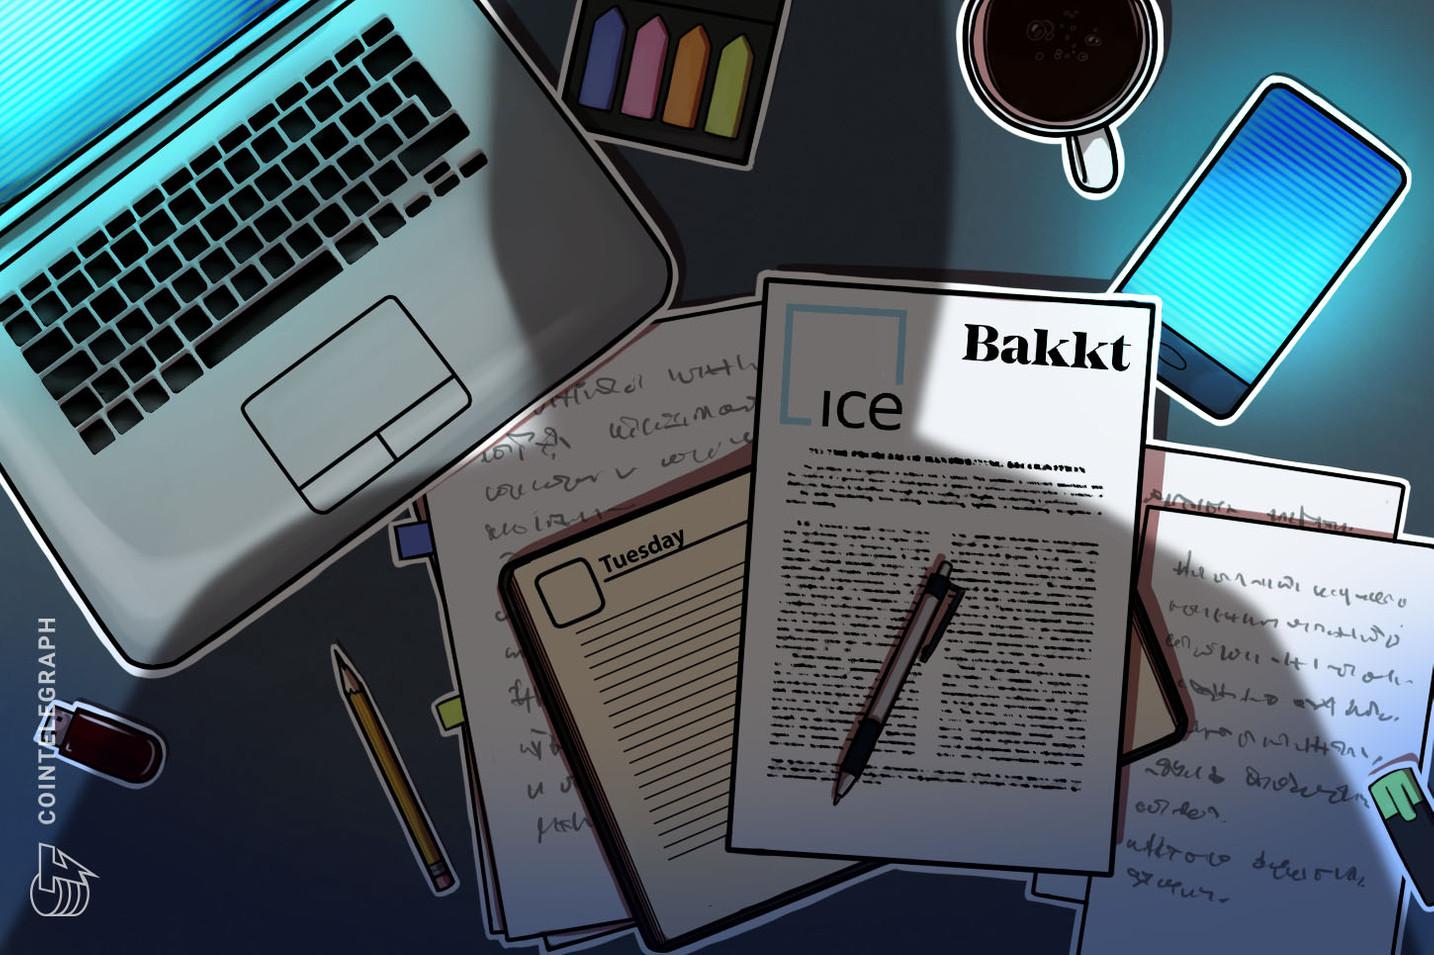 إنتركونتيننتال إكستشينج تصدر حدود الهامش الأولية لتداول العقود الآجلة في باكت